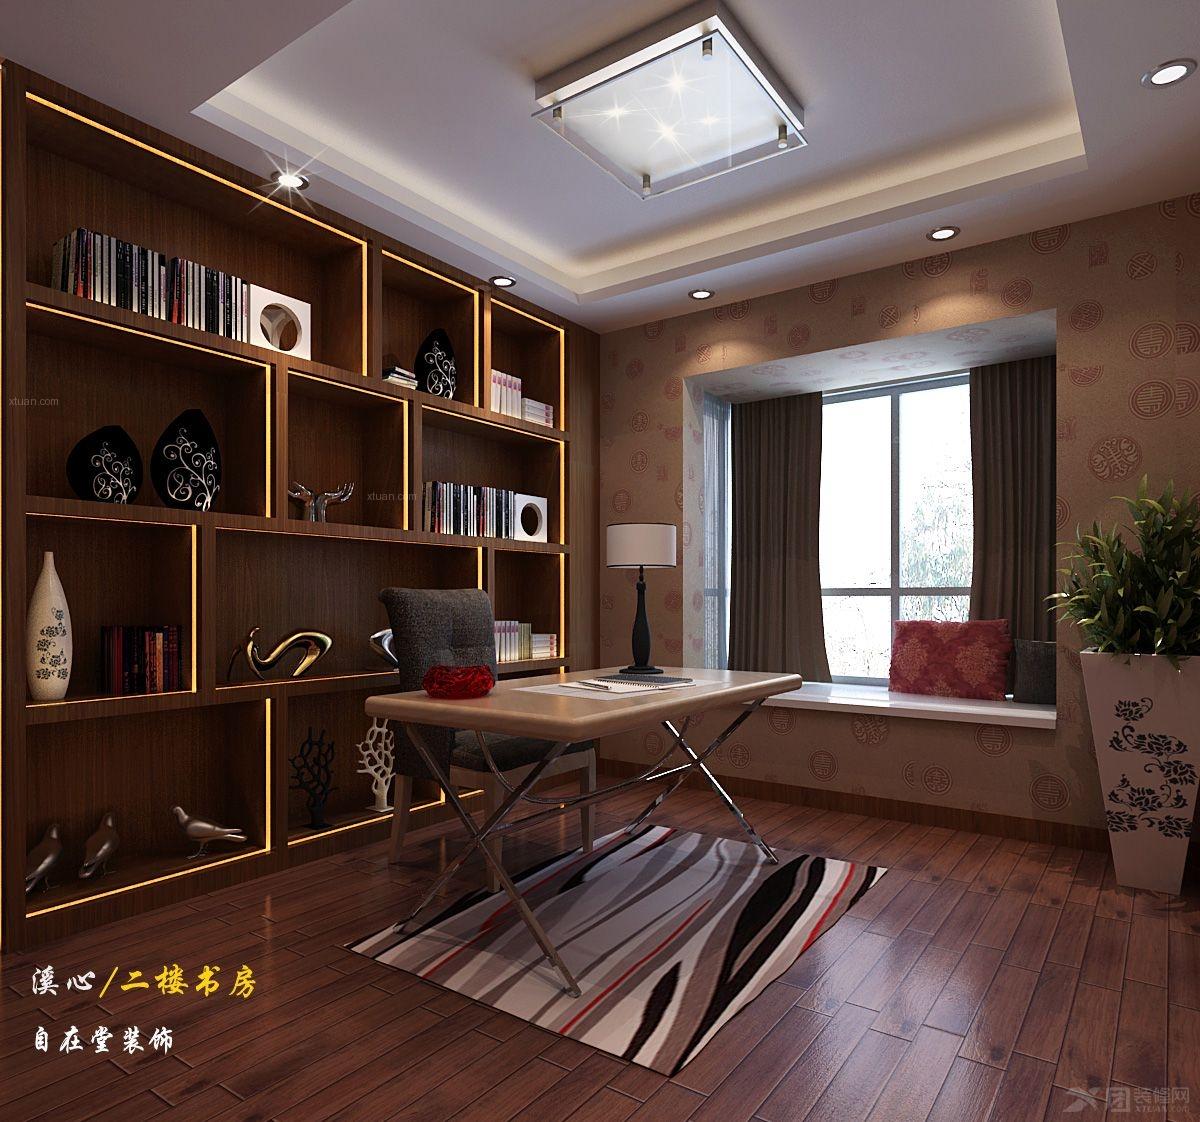 复式楼中式风格主卧室_溪心自建房装修效果图-x团装修图片